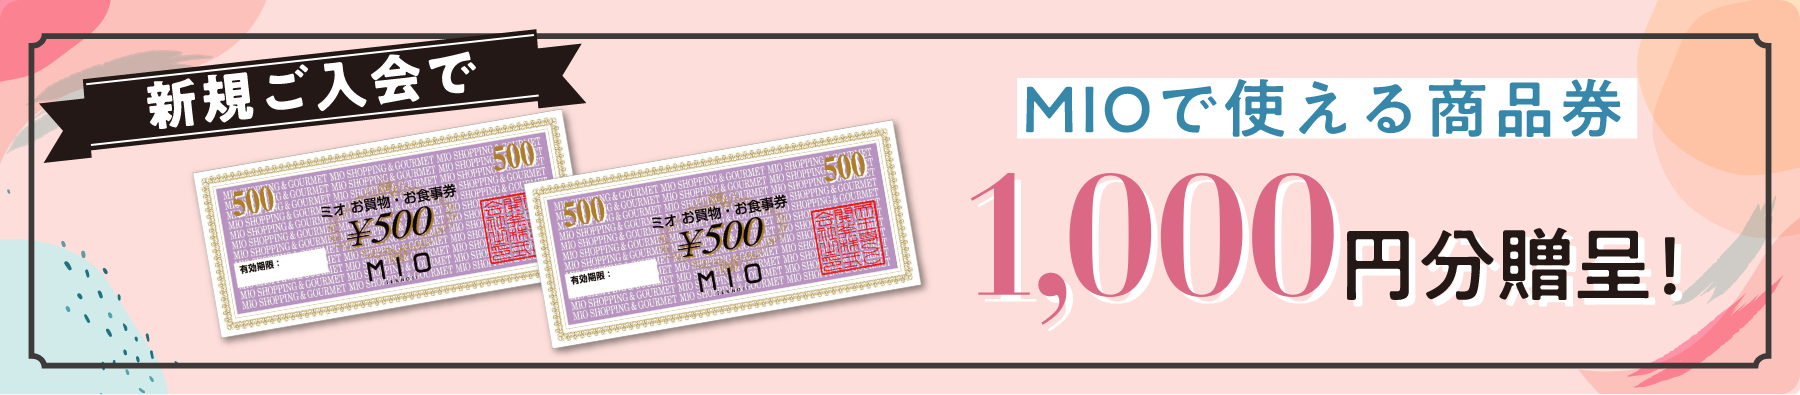 新規ご入会でMIOで使える商品券1,000円分進呈!